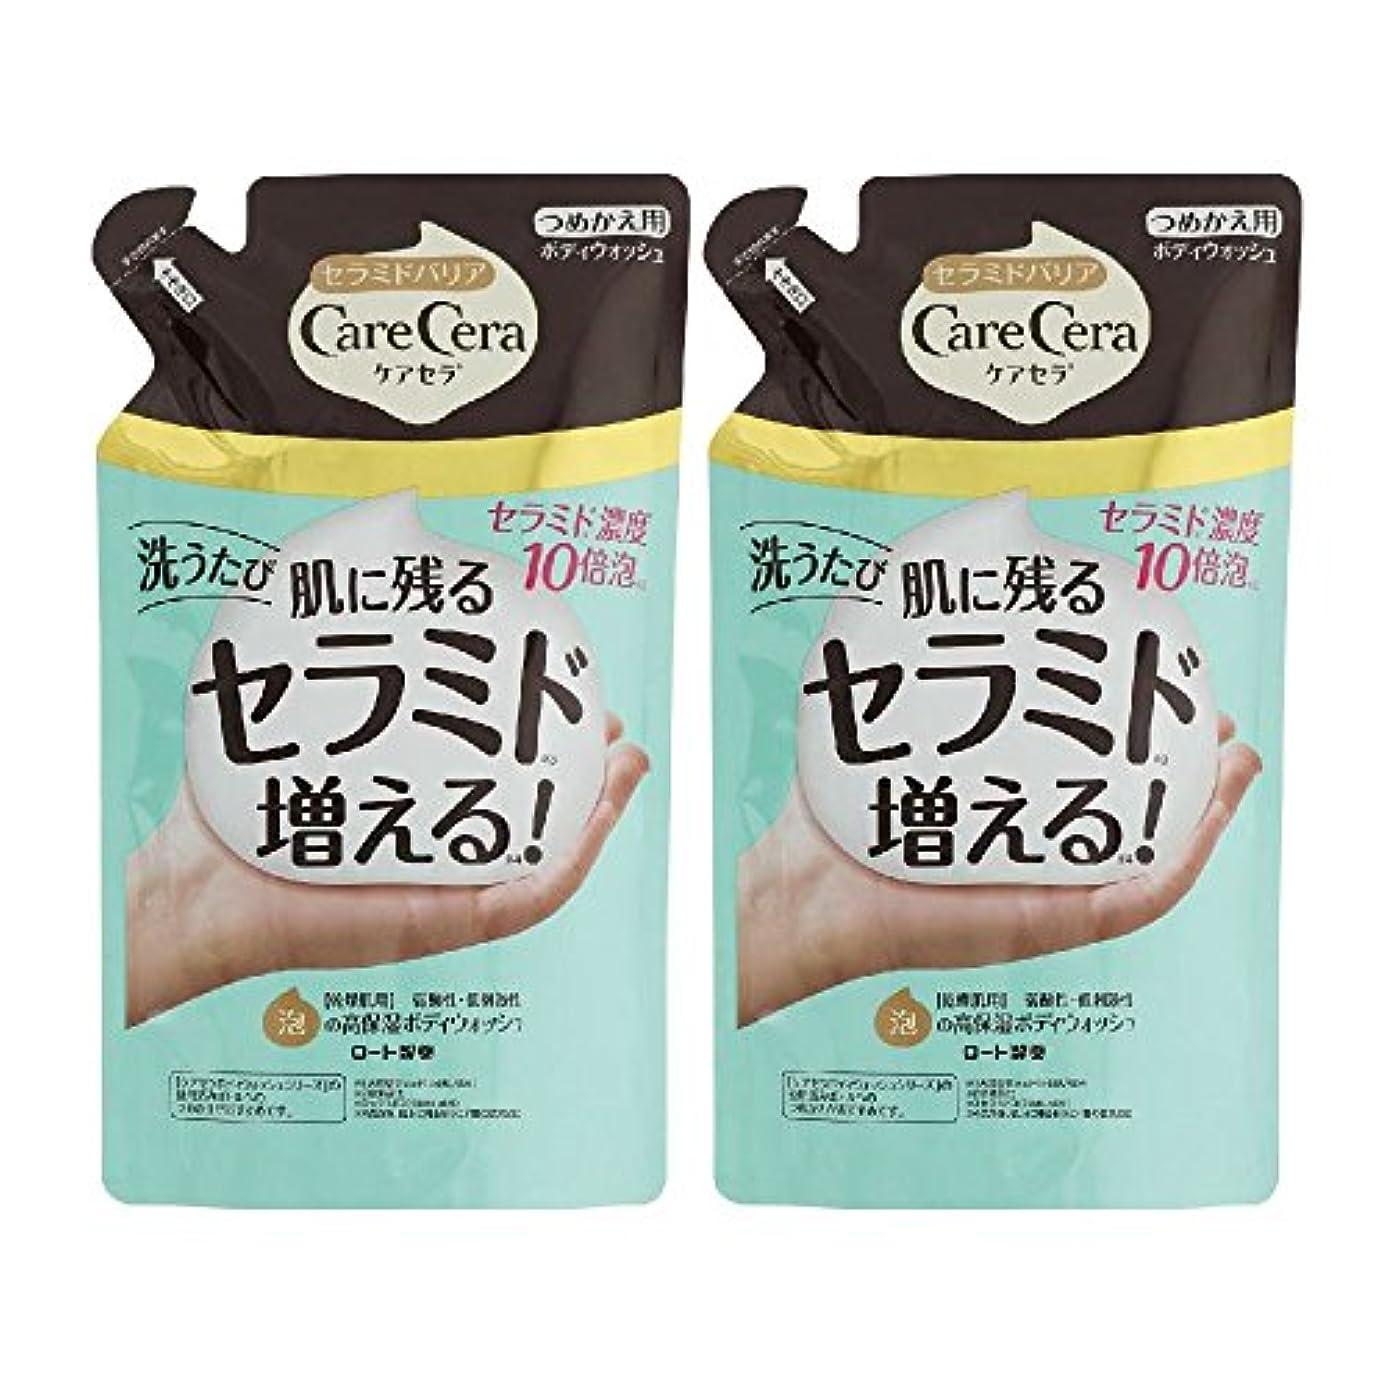 裏切り不確実失礼なケアセラ (CareCera) 泡の高保湿 ボディウォッシュ ピュアフローラルの香り (つめかえ用) 350mL×2個 ※セバメドモイスチャーローション10mlサンプル付き